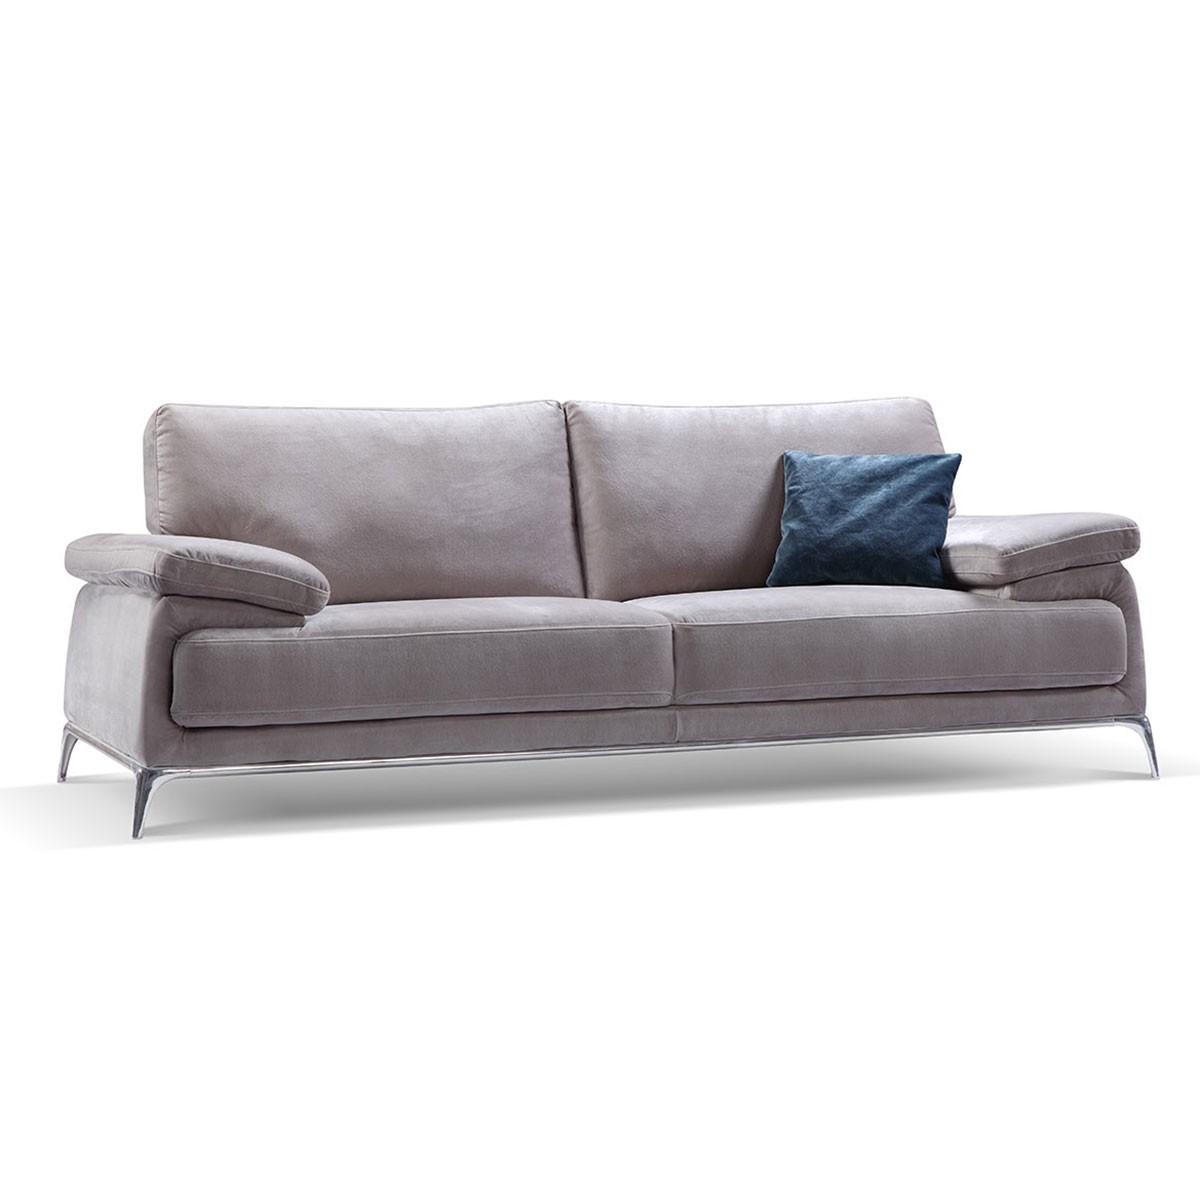 Canapé 3 Places en Tissu avec Coussin - Gris (BO-605-2S)